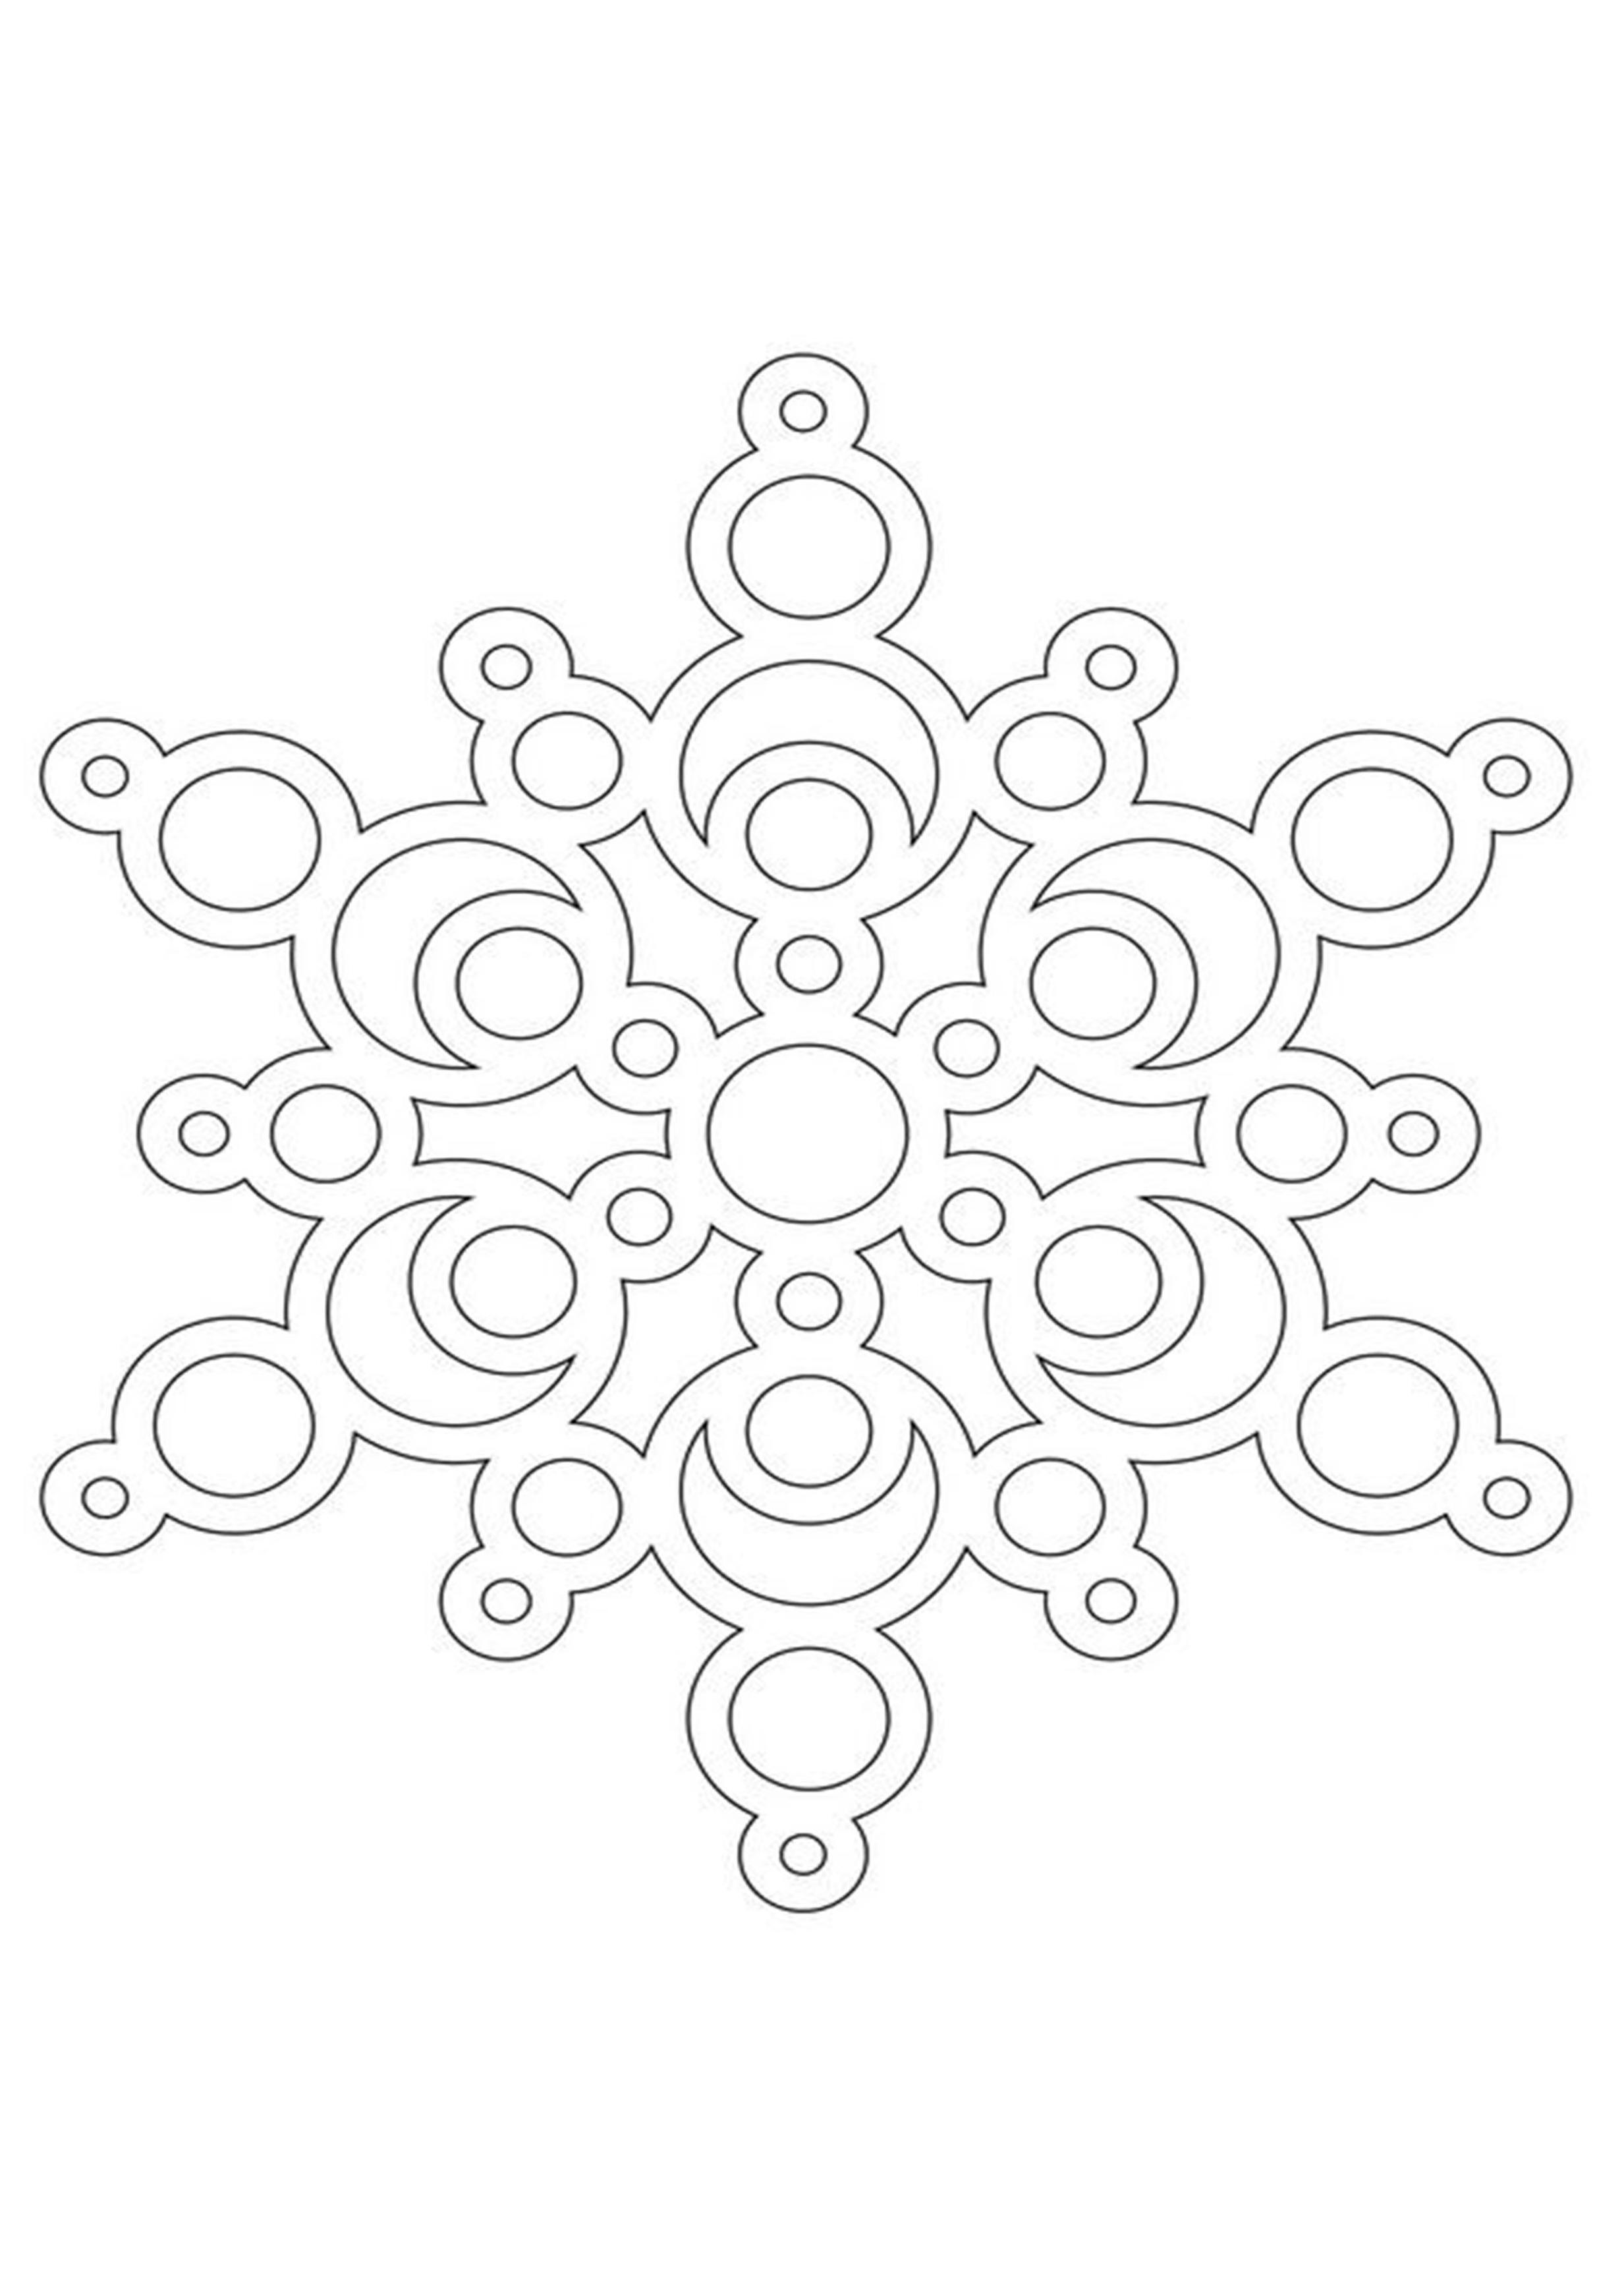 Новогодняя картинка для распечатки со снежинками